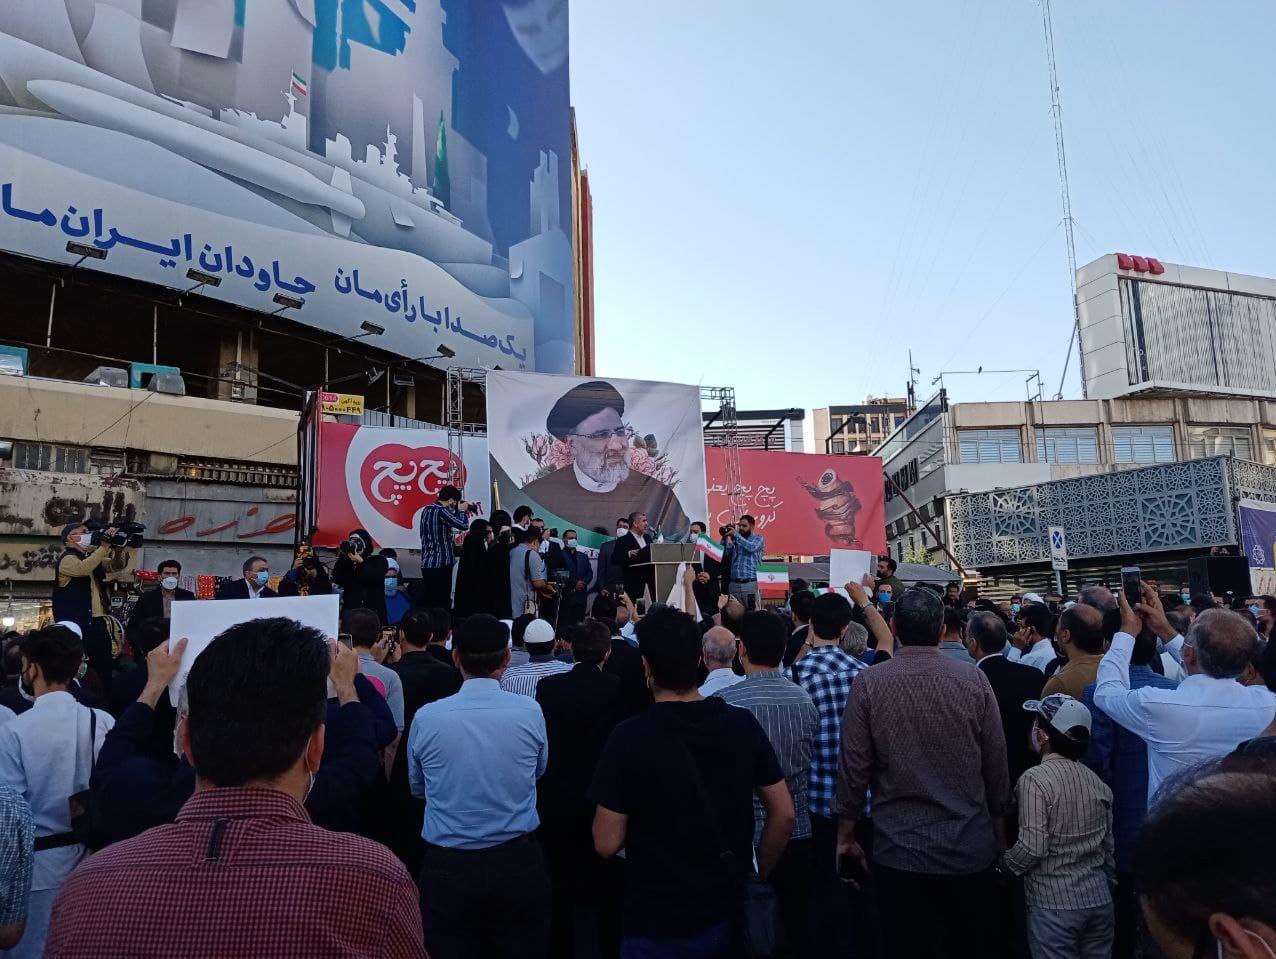 گردهمایی حامیان رئیسی در میدان ولیعصر تهران آغاز شد